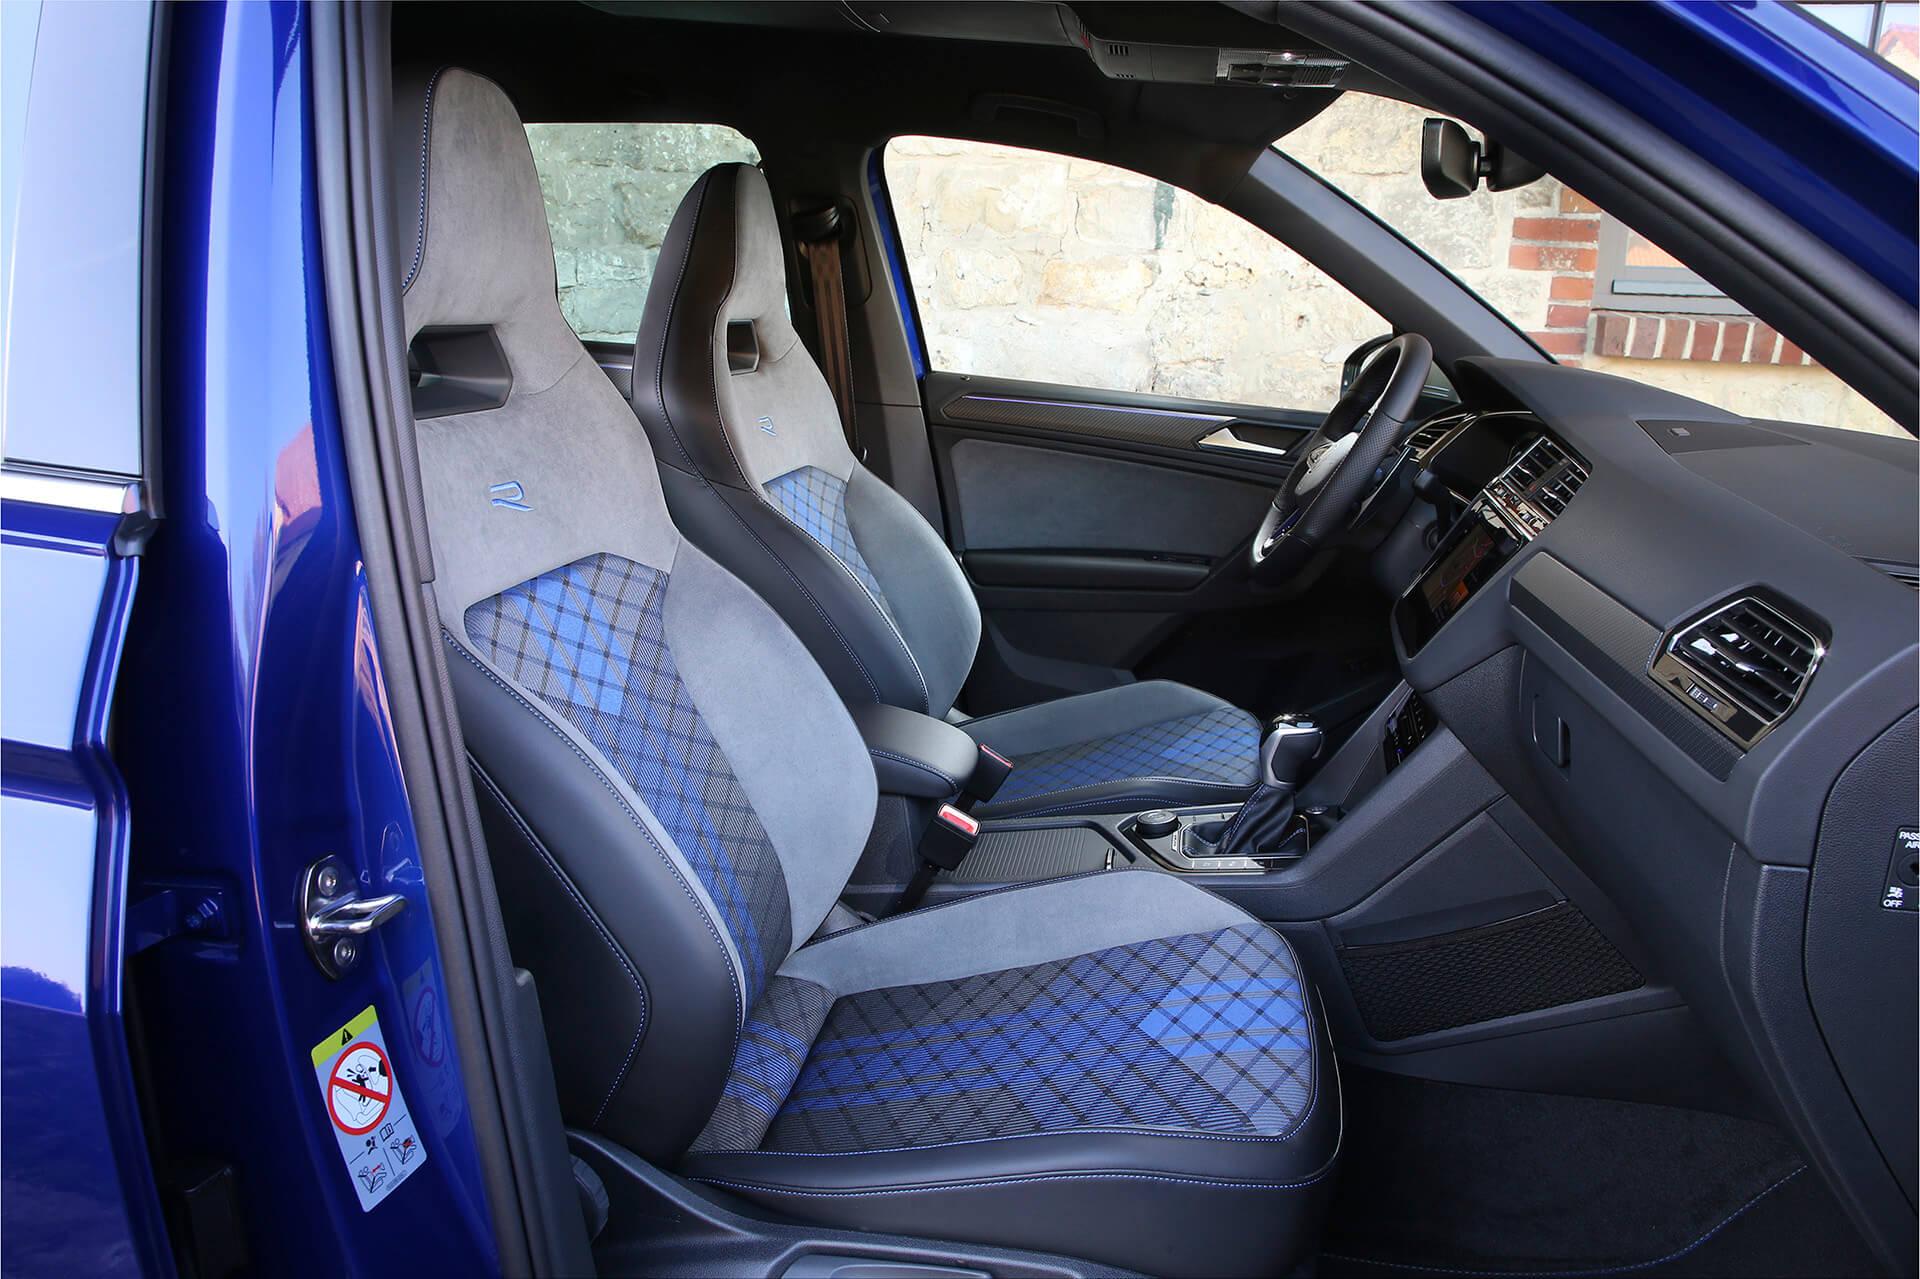 Νέο Volkswagen Tiguan - Εσωτερικό - Καθίσματα